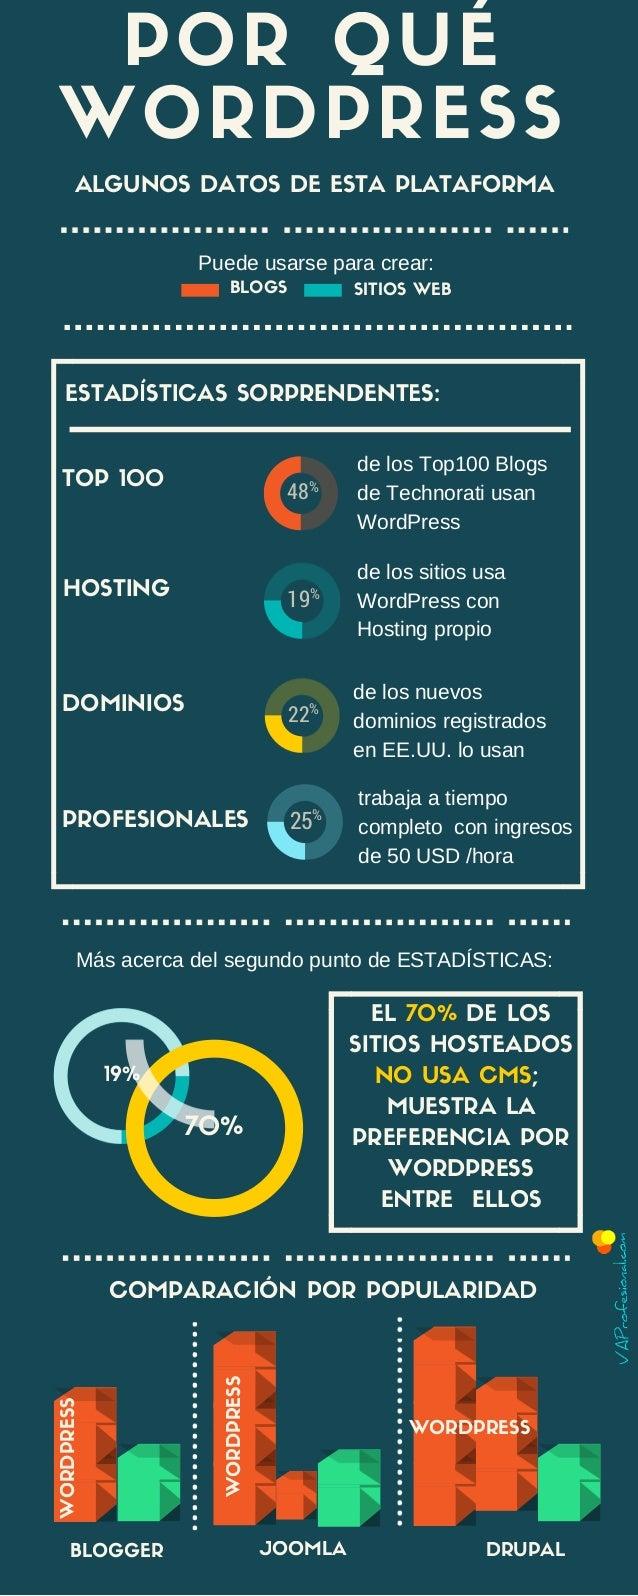 ESTADÍSTICAS SORPRENDENTES: BLOGS SITIOS WEB POR QUÉ WORDPRESS EL 70% DE LOS SITIOS HOSTEADOS NO USA CMS; MUESTRA LA PREFE...